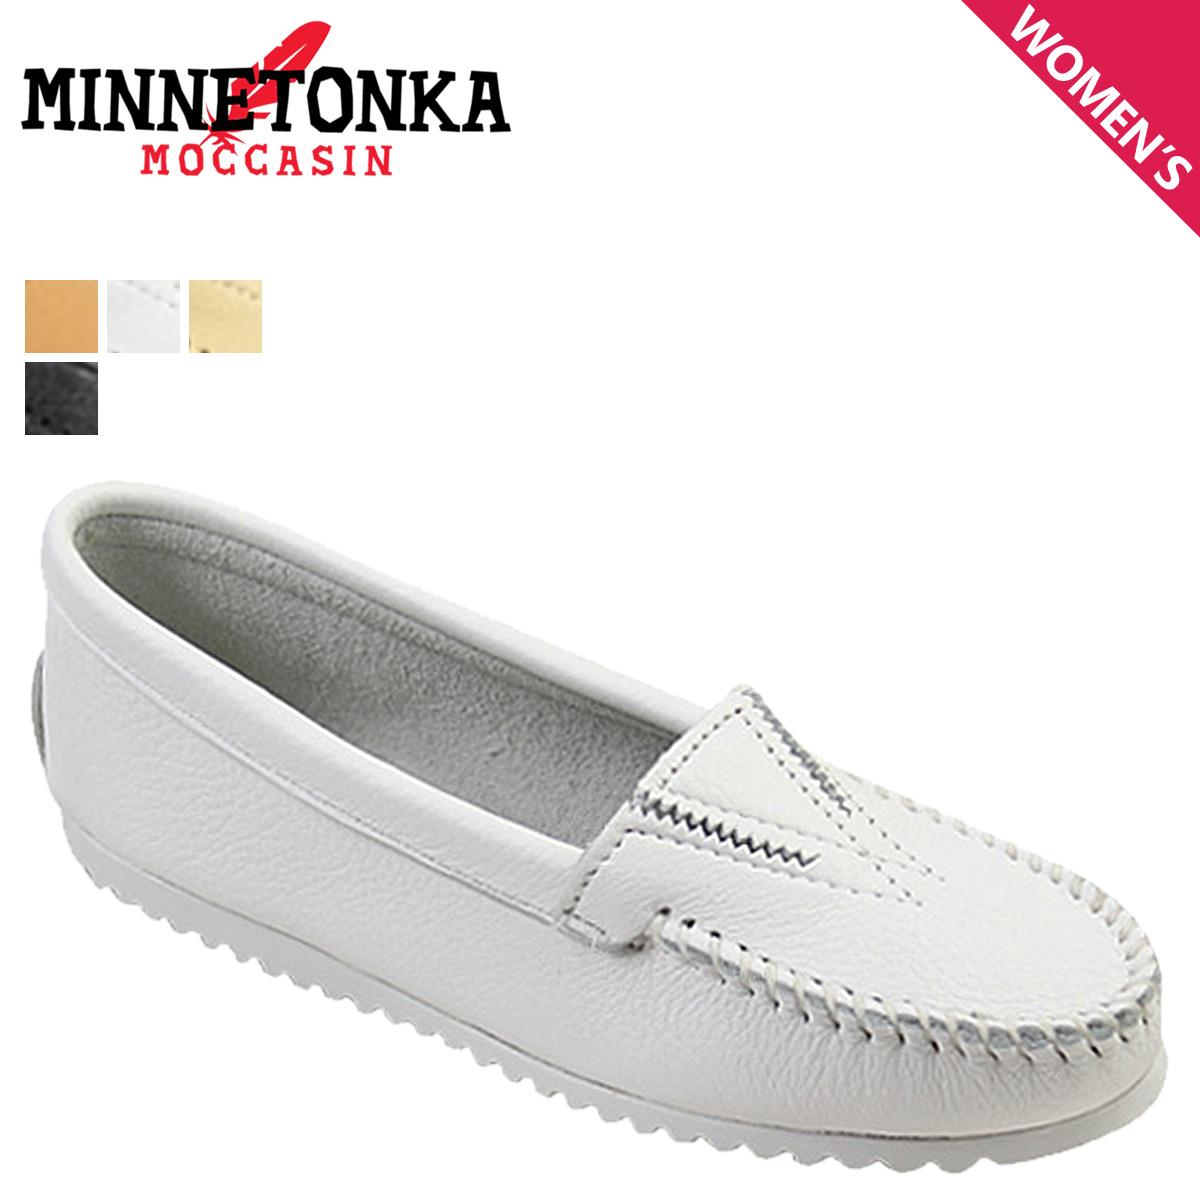 SneaK Online Shop | Rakuten Global Market: Minnetonka MINNETONKA moccasin deerskin Gore front [4 colors] DEERSKIN GORE FRONT leather ladies 42 44 47 49 MOC [regular]